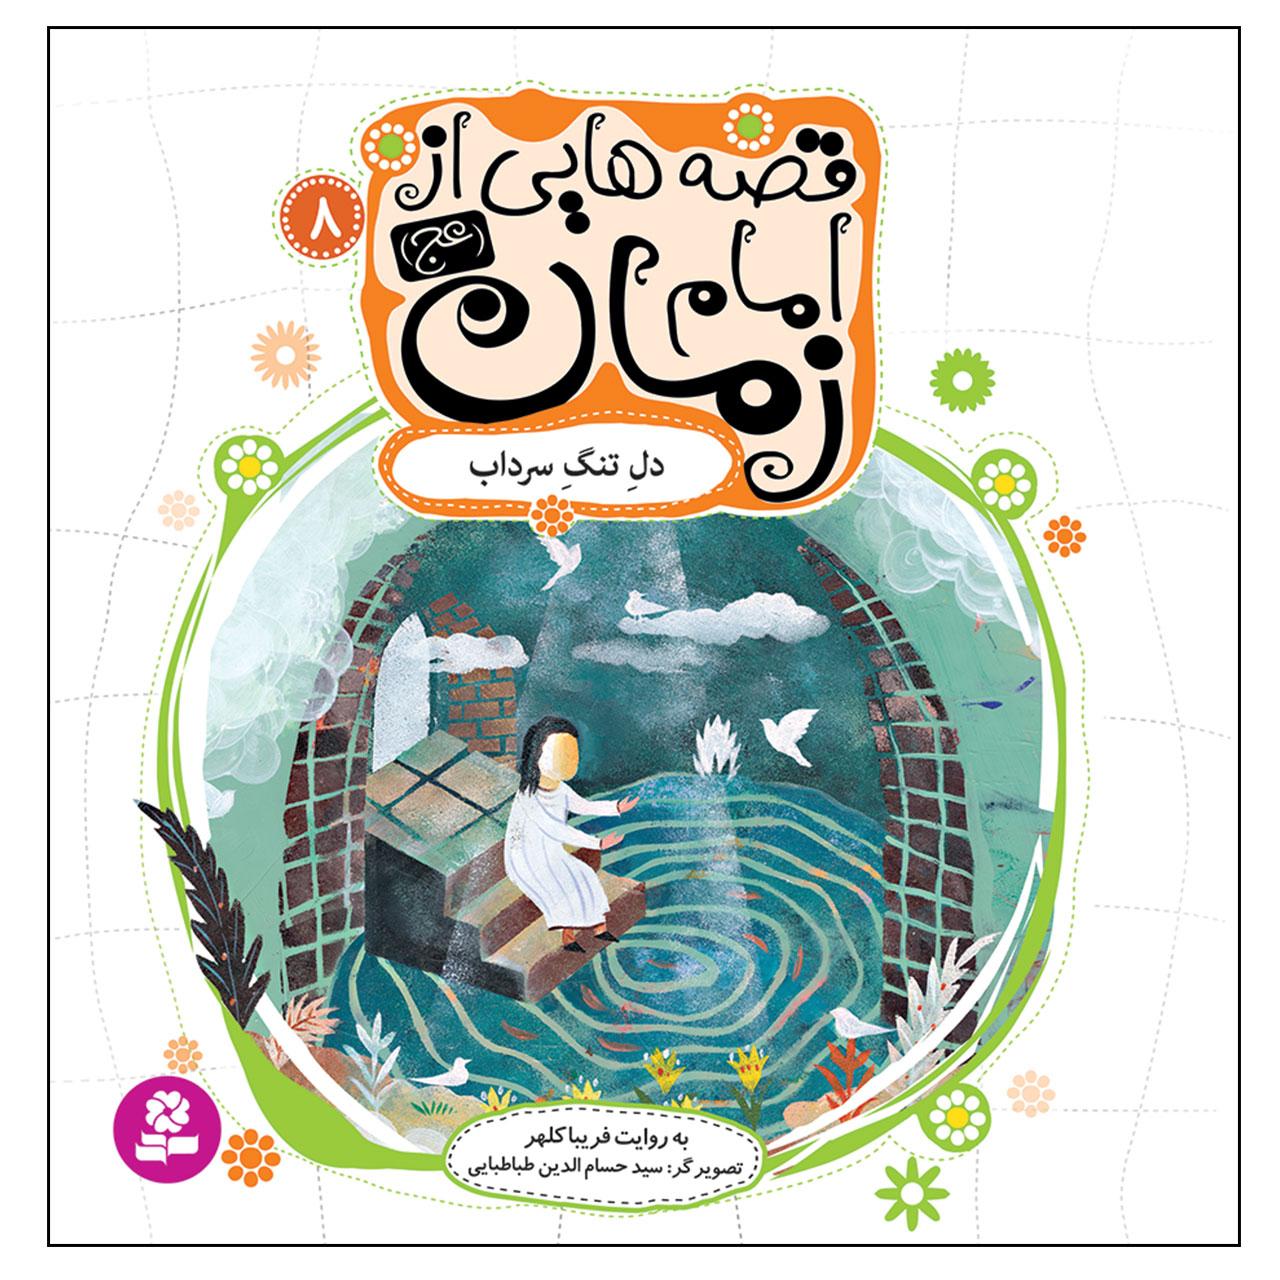 خرید                      کتاب قصه هایی از امام زمان (عج) 8 دل تنگ سراب اثر فریبا کلهر انتشارات قدیانی